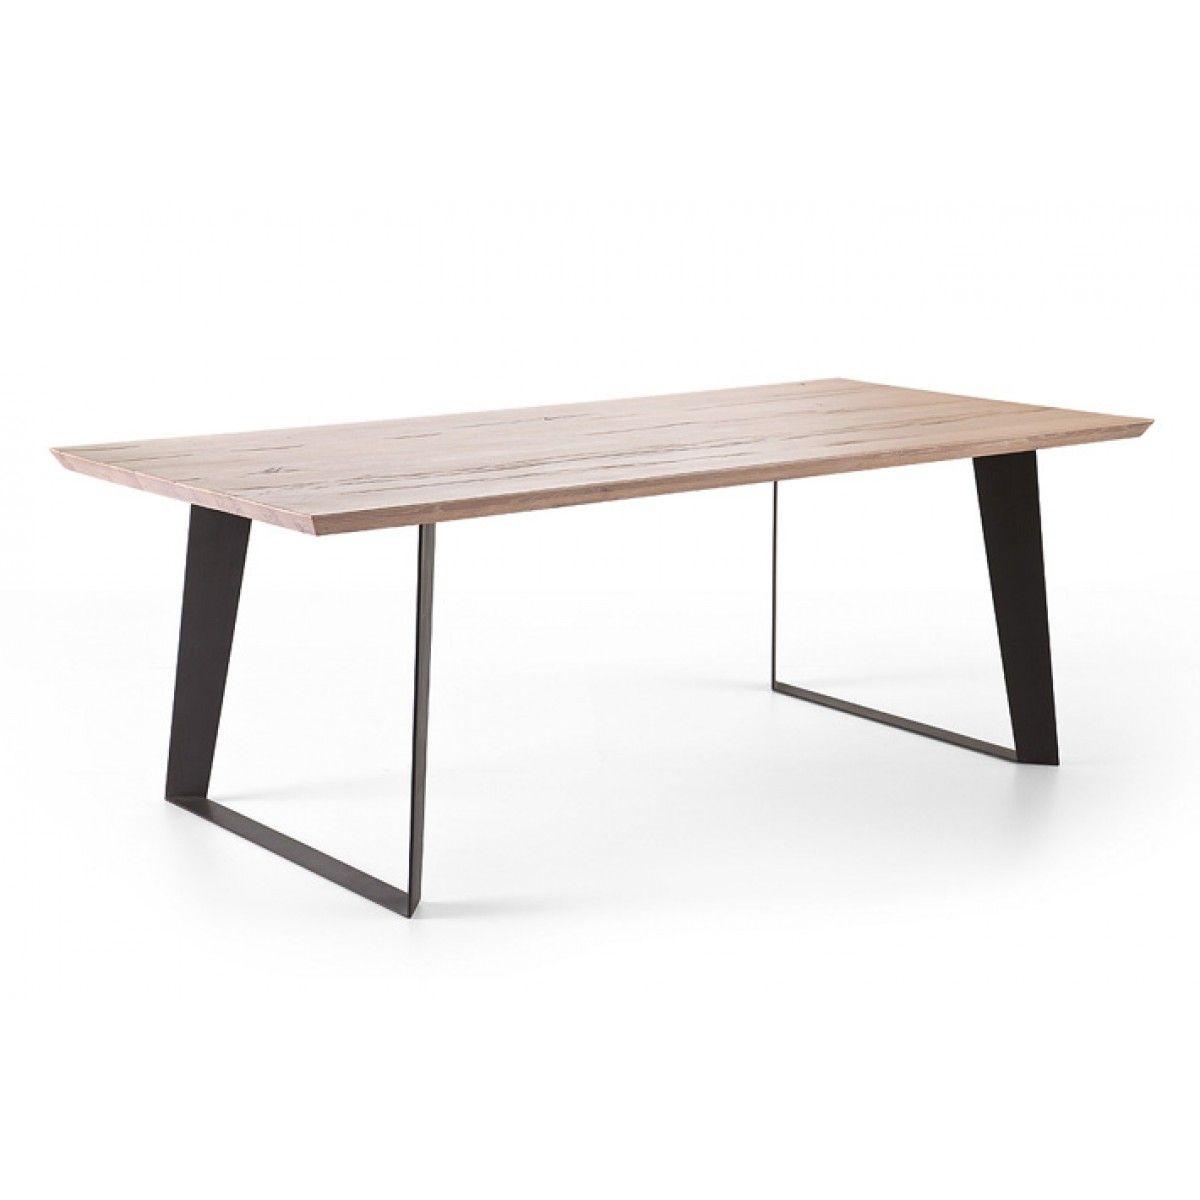 esstisch eiche tischplatte, tisch massiv-eiche gestell metall, Esszimmer dekoo